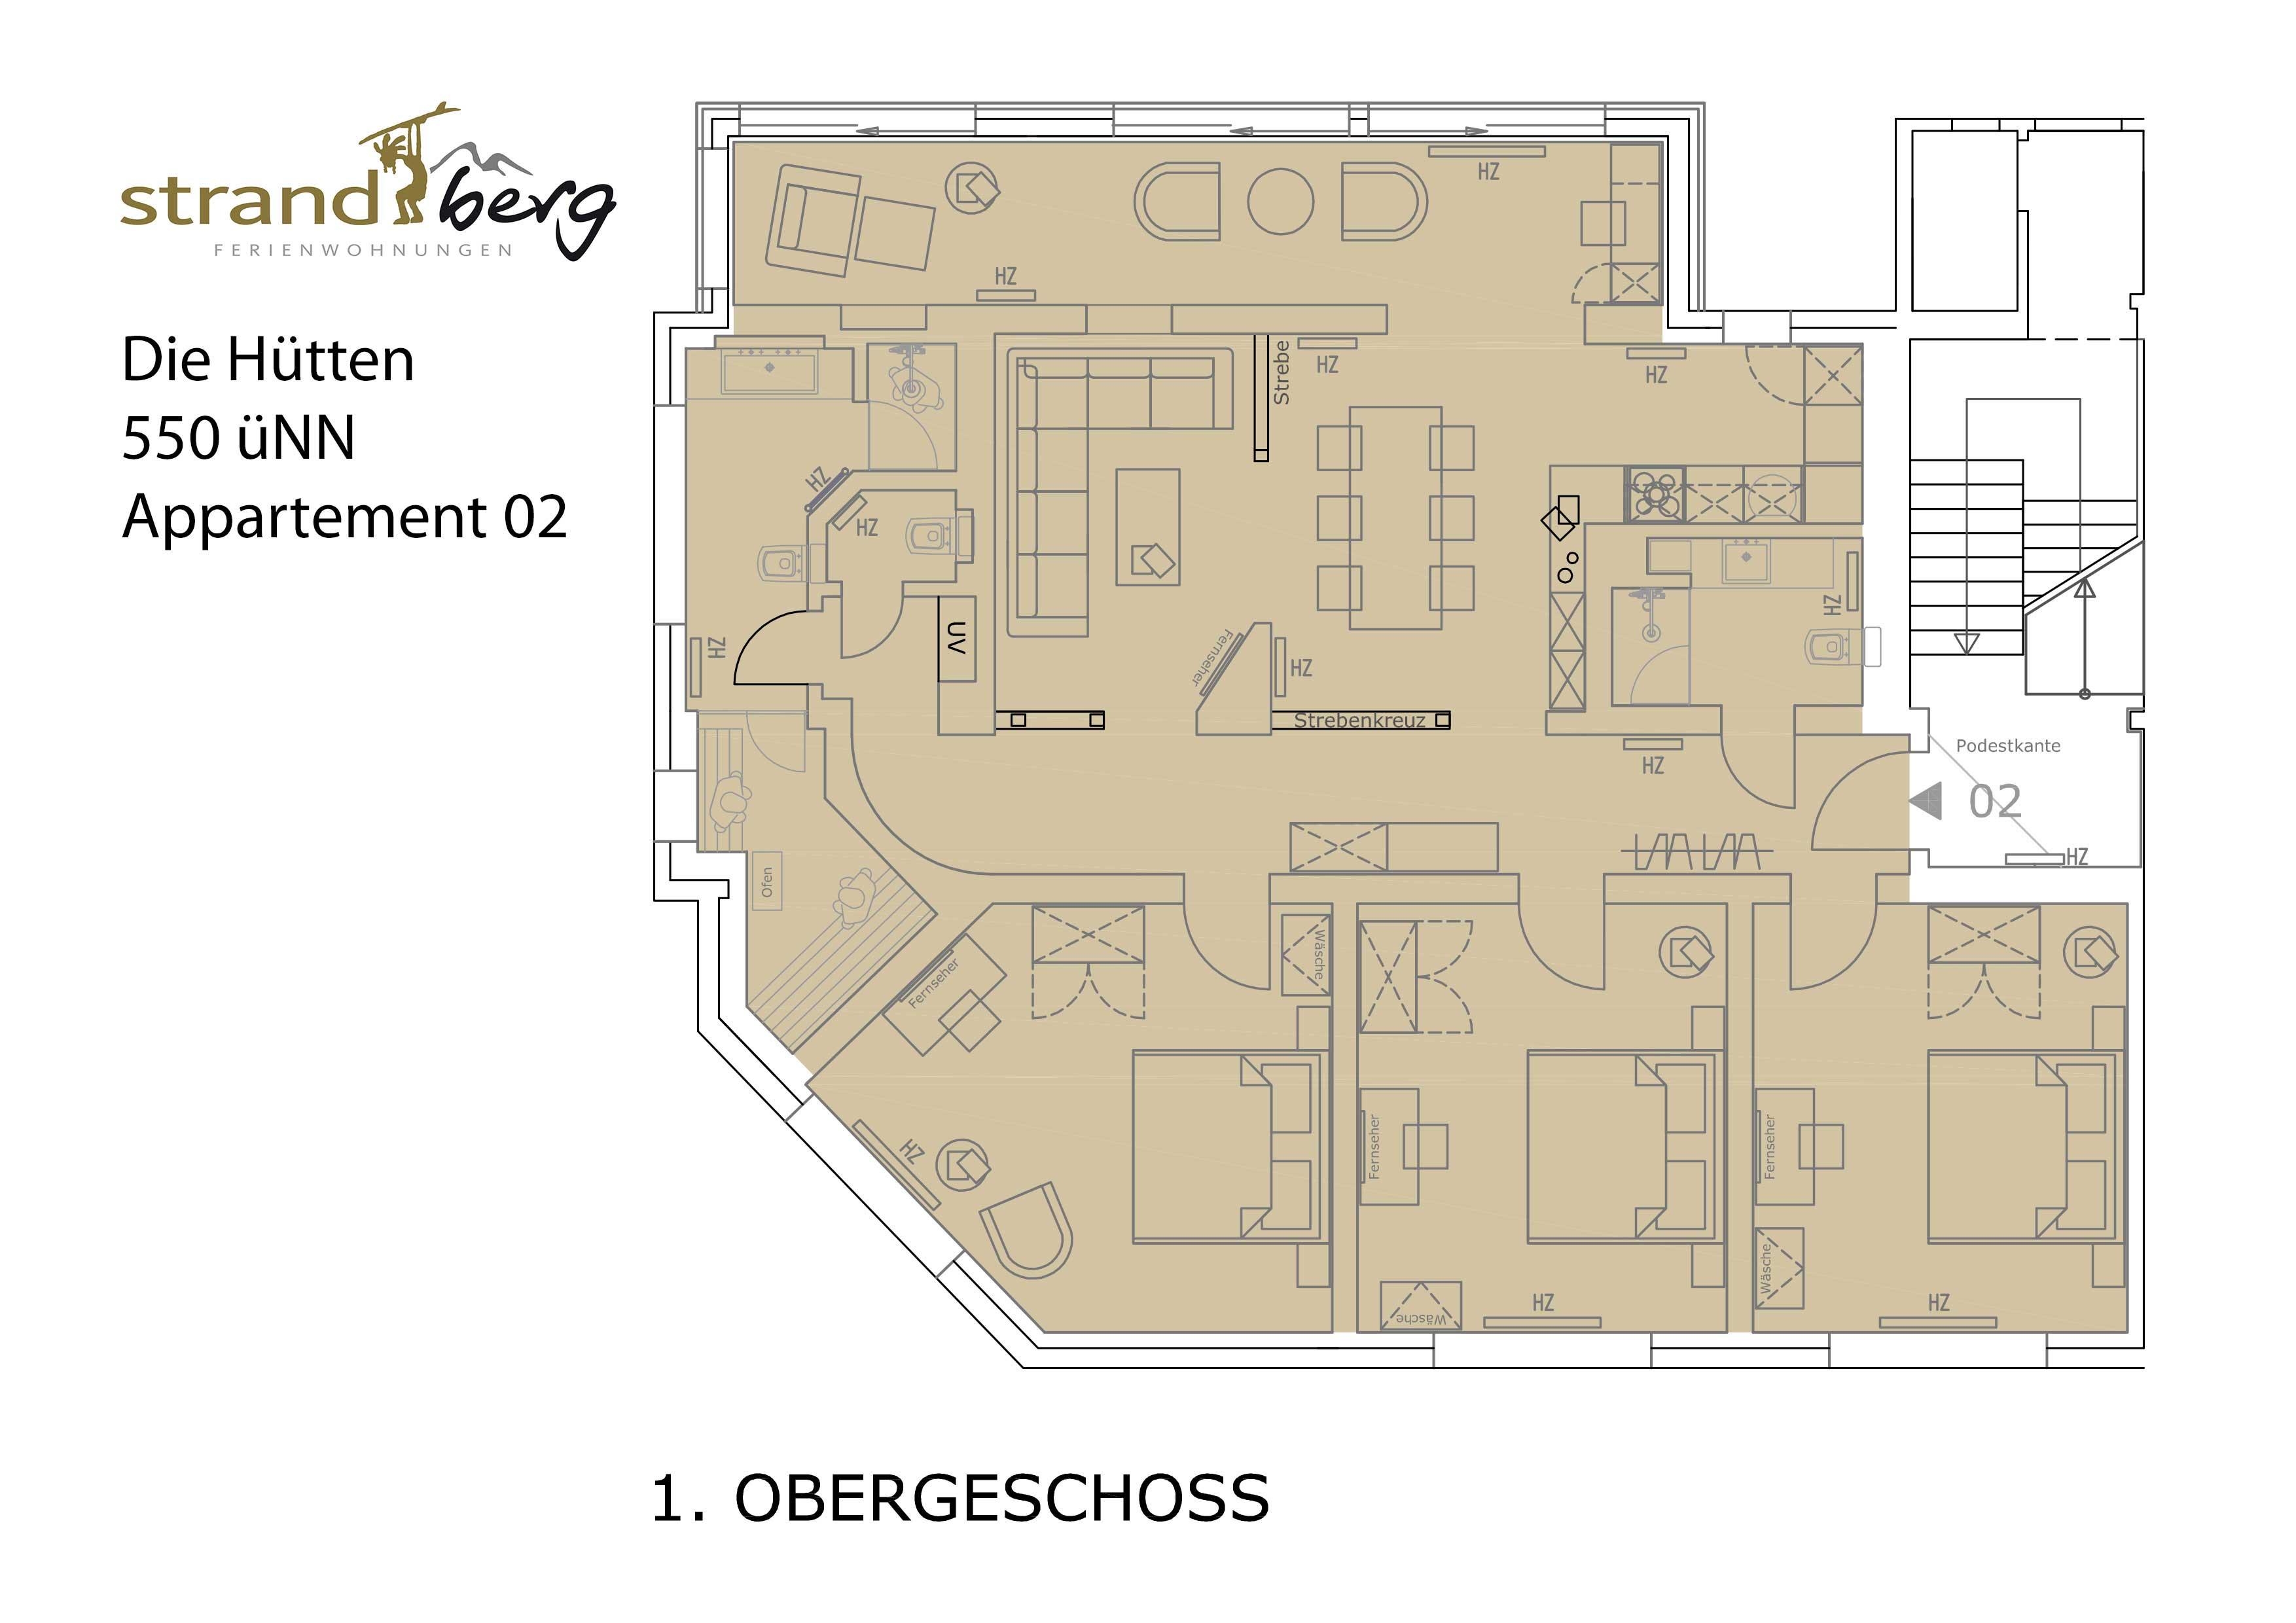 Die-Hütten-Grundriss-Appartement-02